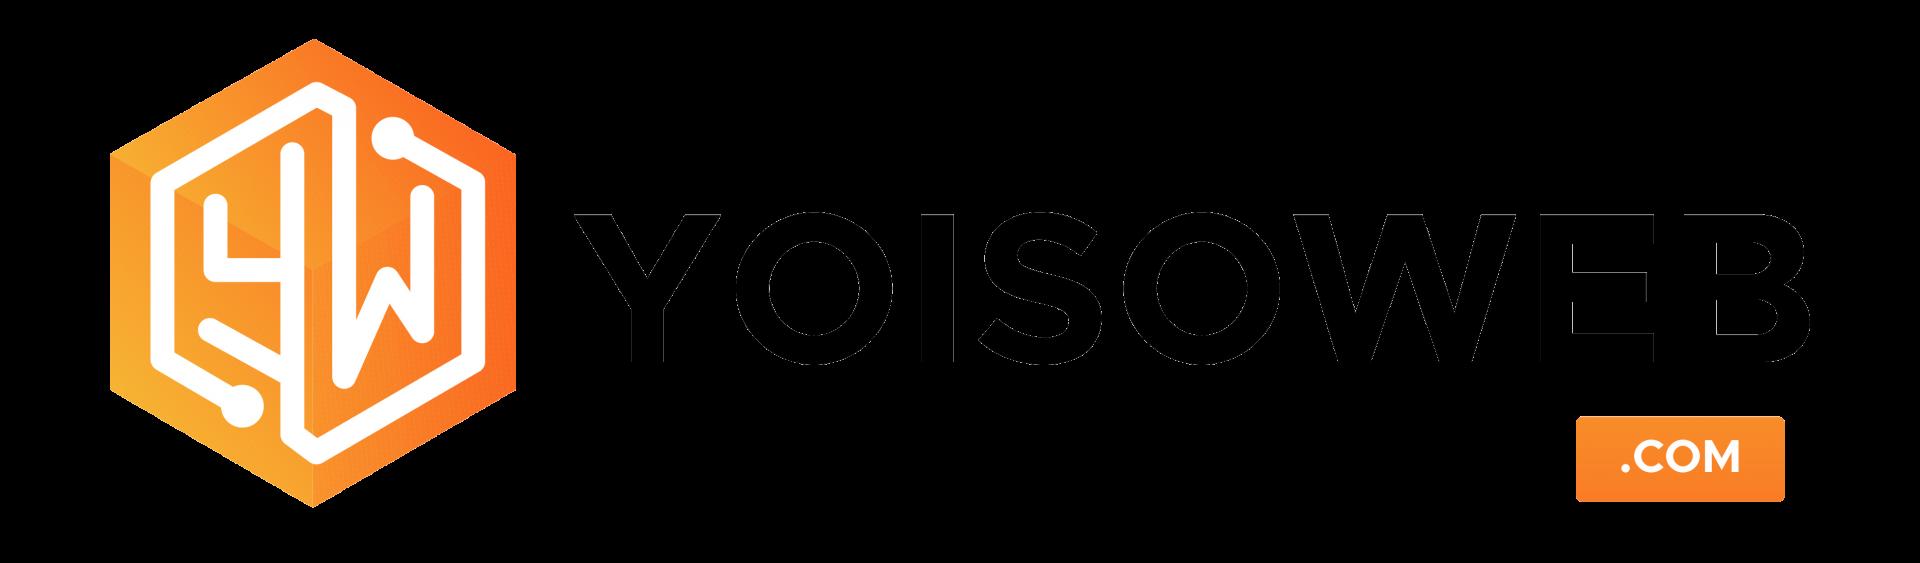 Pembuatan website Perusahaan | Website Toko Online| Website Premium| Website Ecommerce